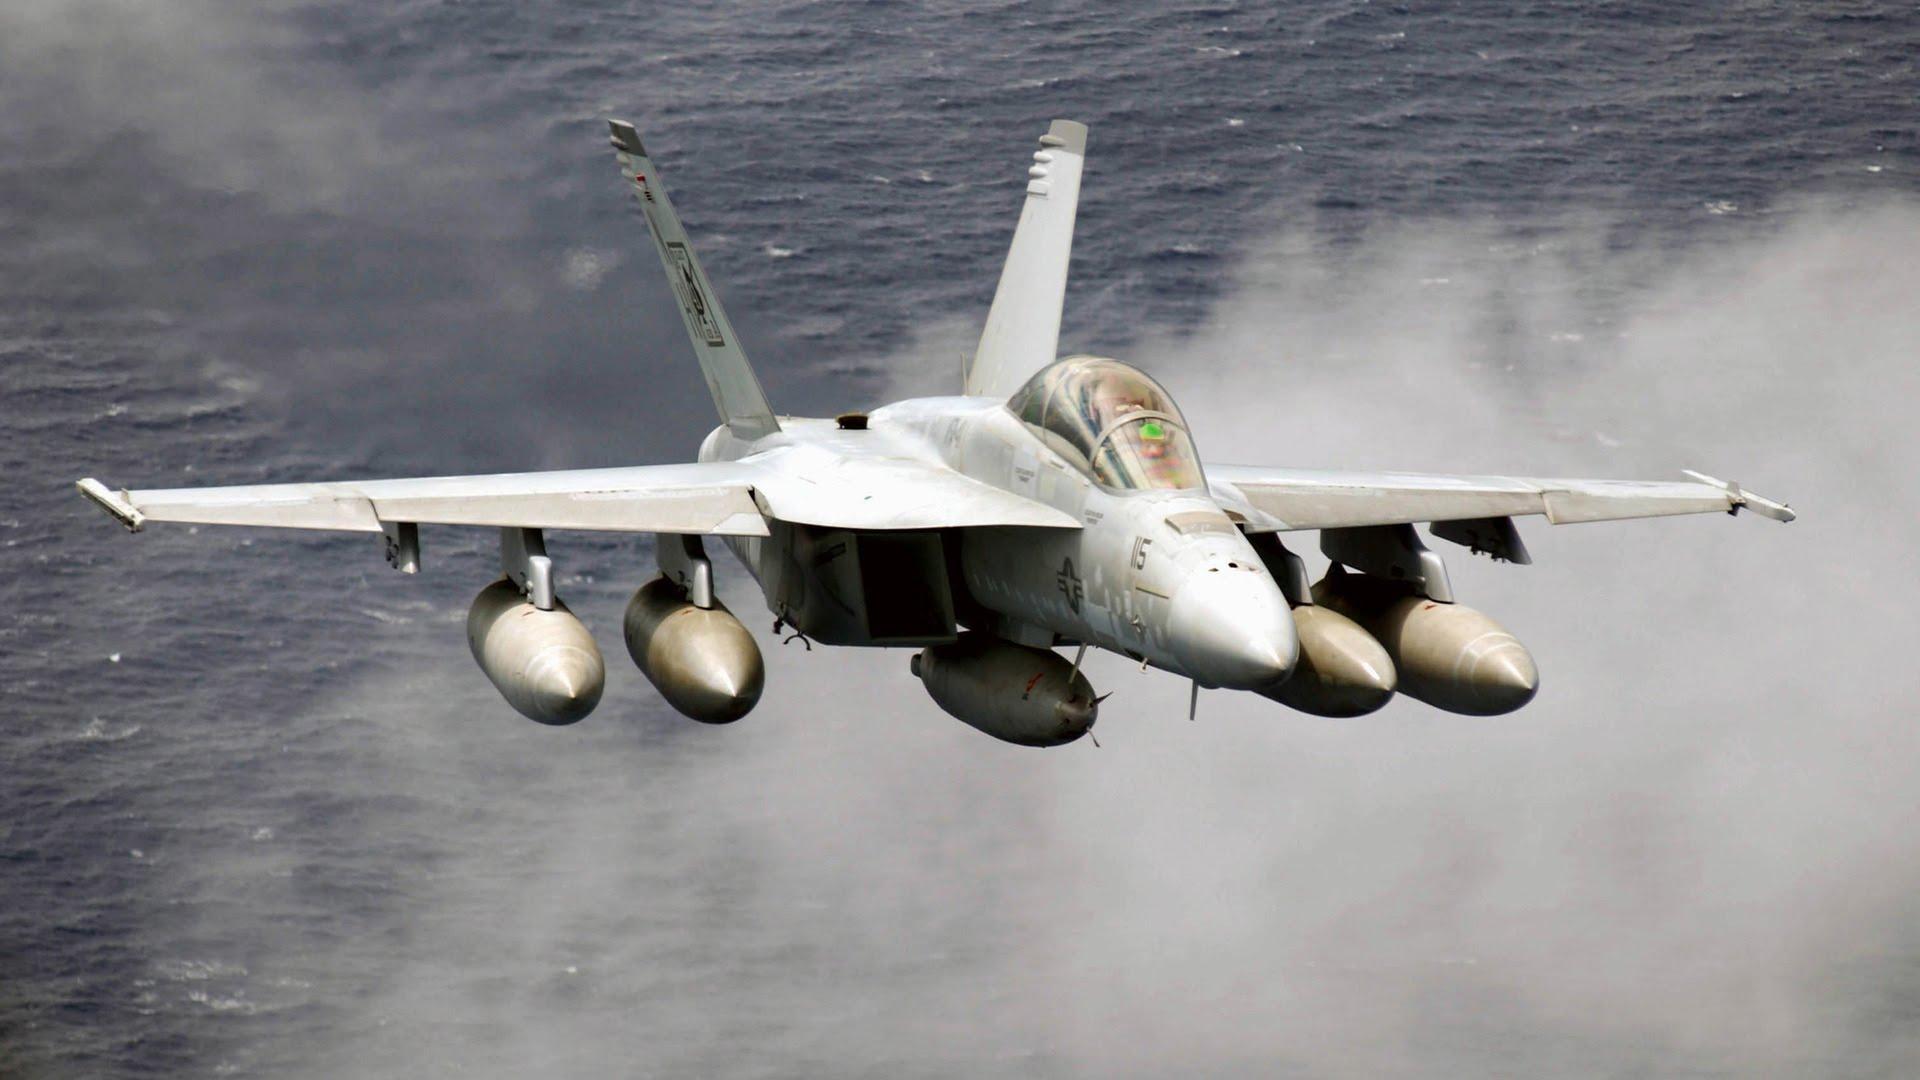 """США разместят в Японии крупнейшую авиабазу с десятками штурмовиков – в Кремле ожидается новая версия о """"внешней угрозе"""""""